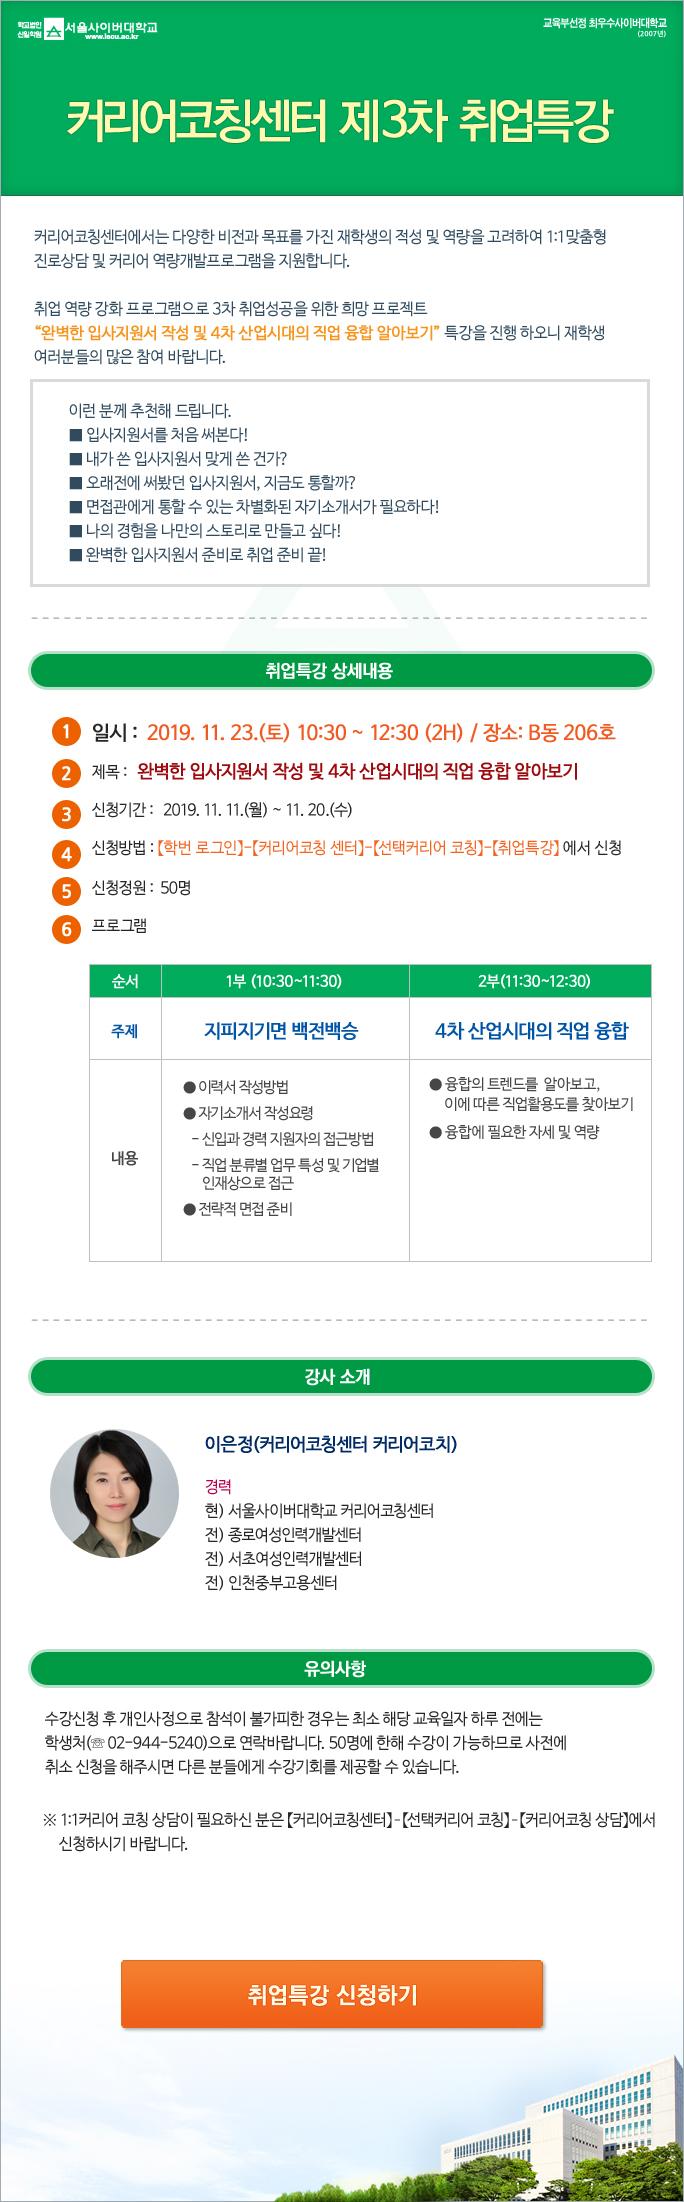 커리어코칭센터 취업특강 3차 안내